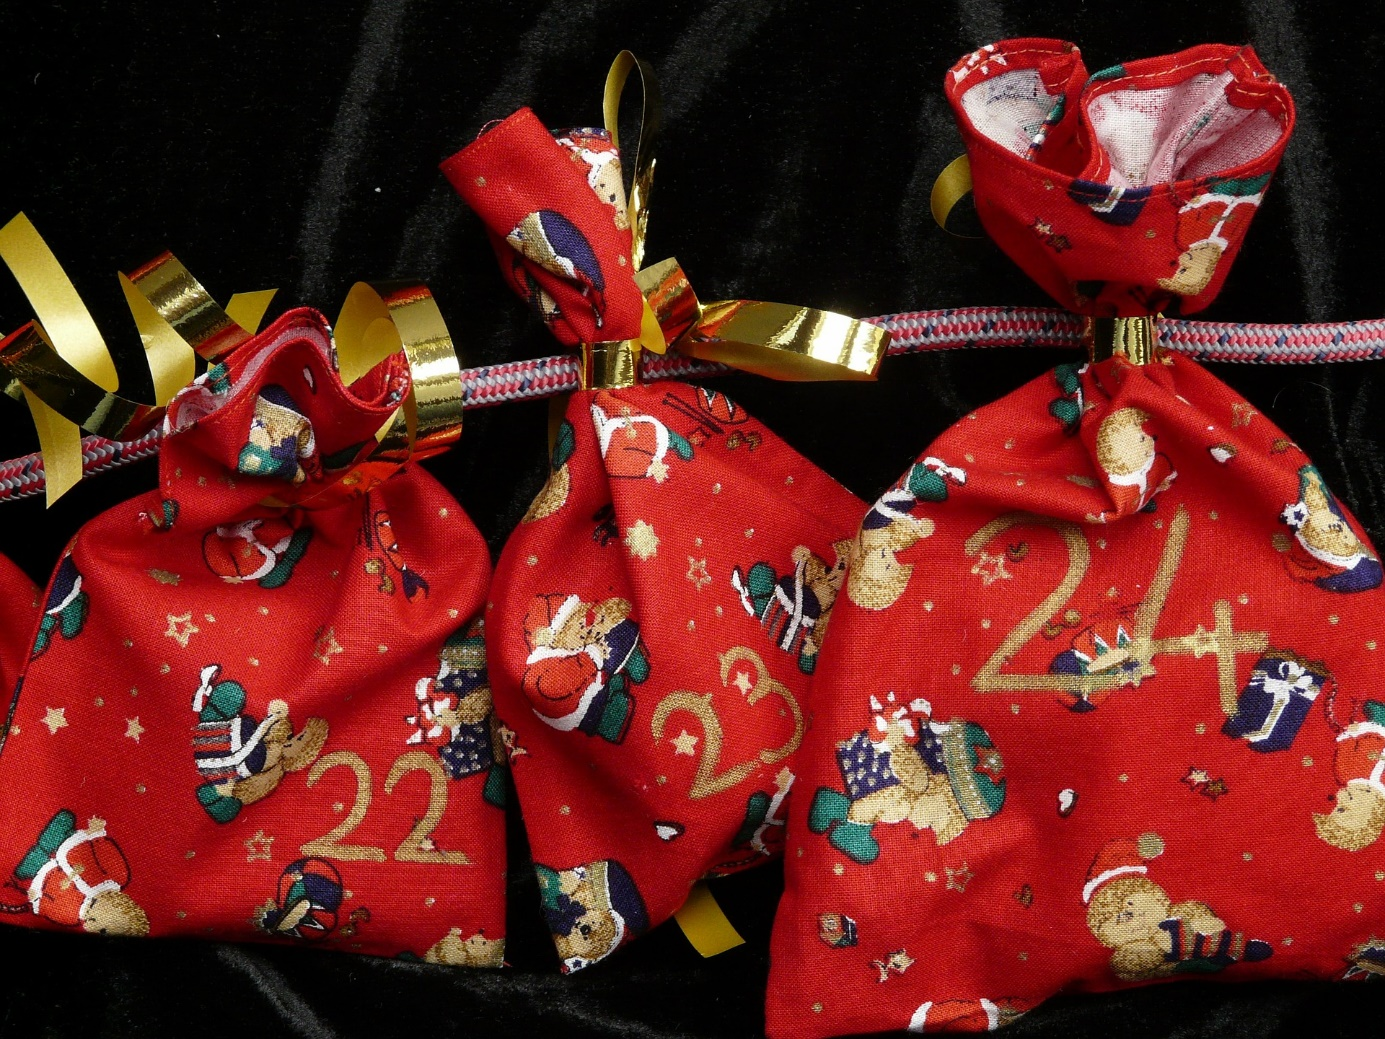 rote Geschenksäckchen an einem Band